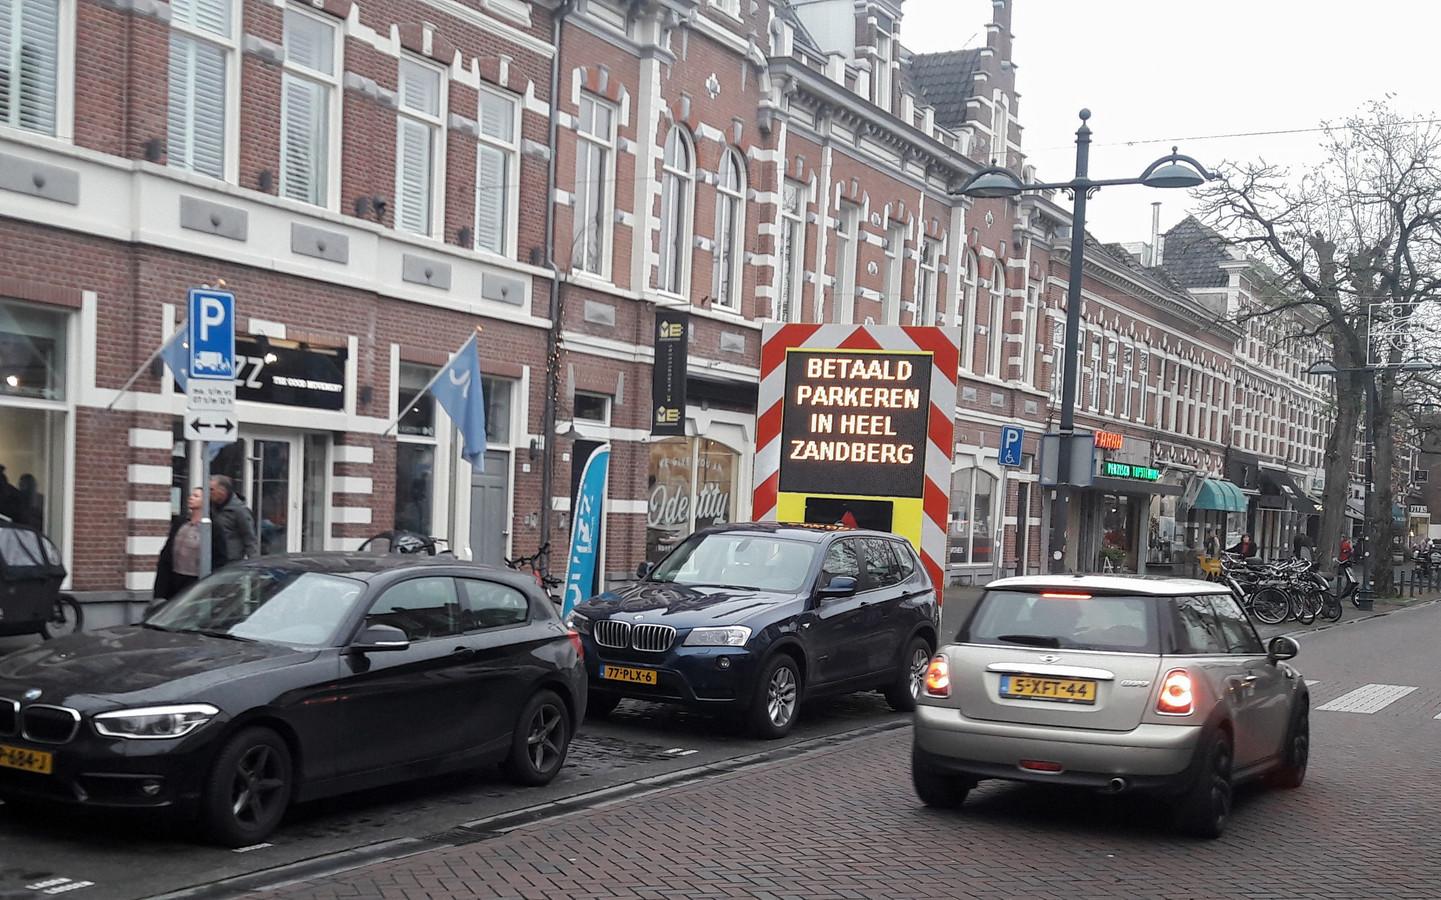 Bewoners van de wijk Zandberg in Breda worden op de hoogte gebracht van de invoering van betaald parkeren/